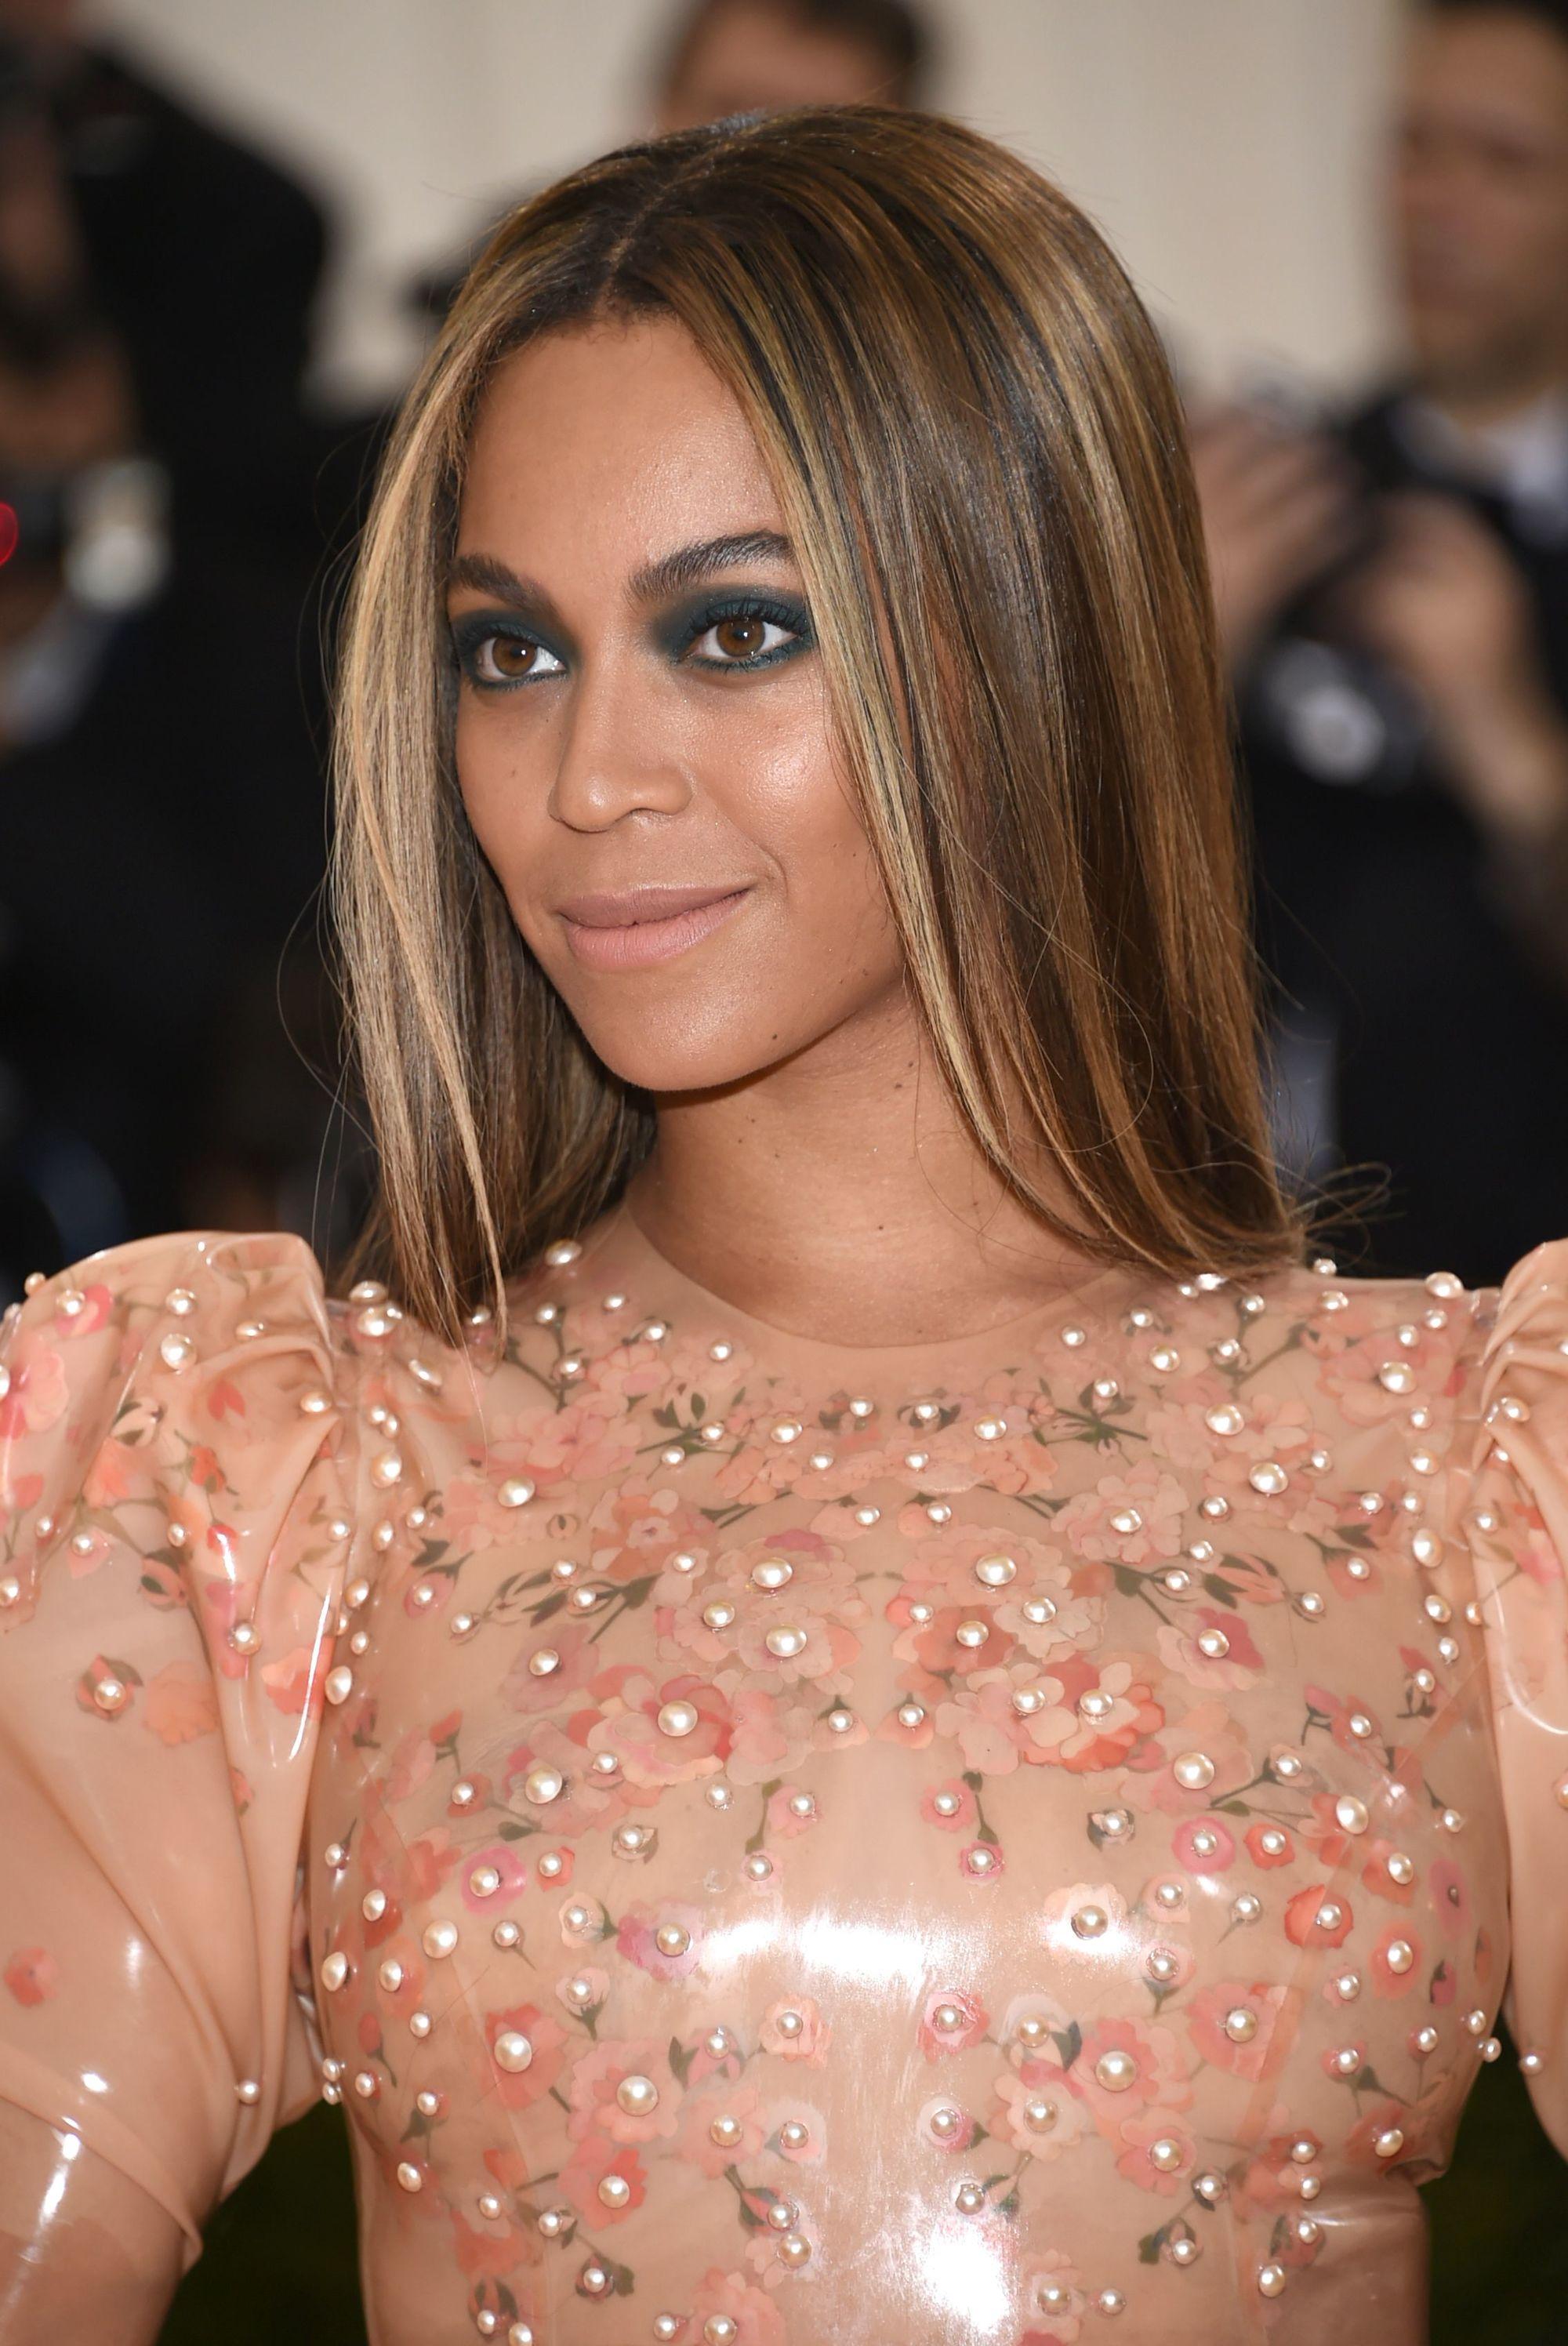 Les points forts et les points faibles : Beyonce avec de longs cheveux bruns raides et un maquillage des yeux foncé.